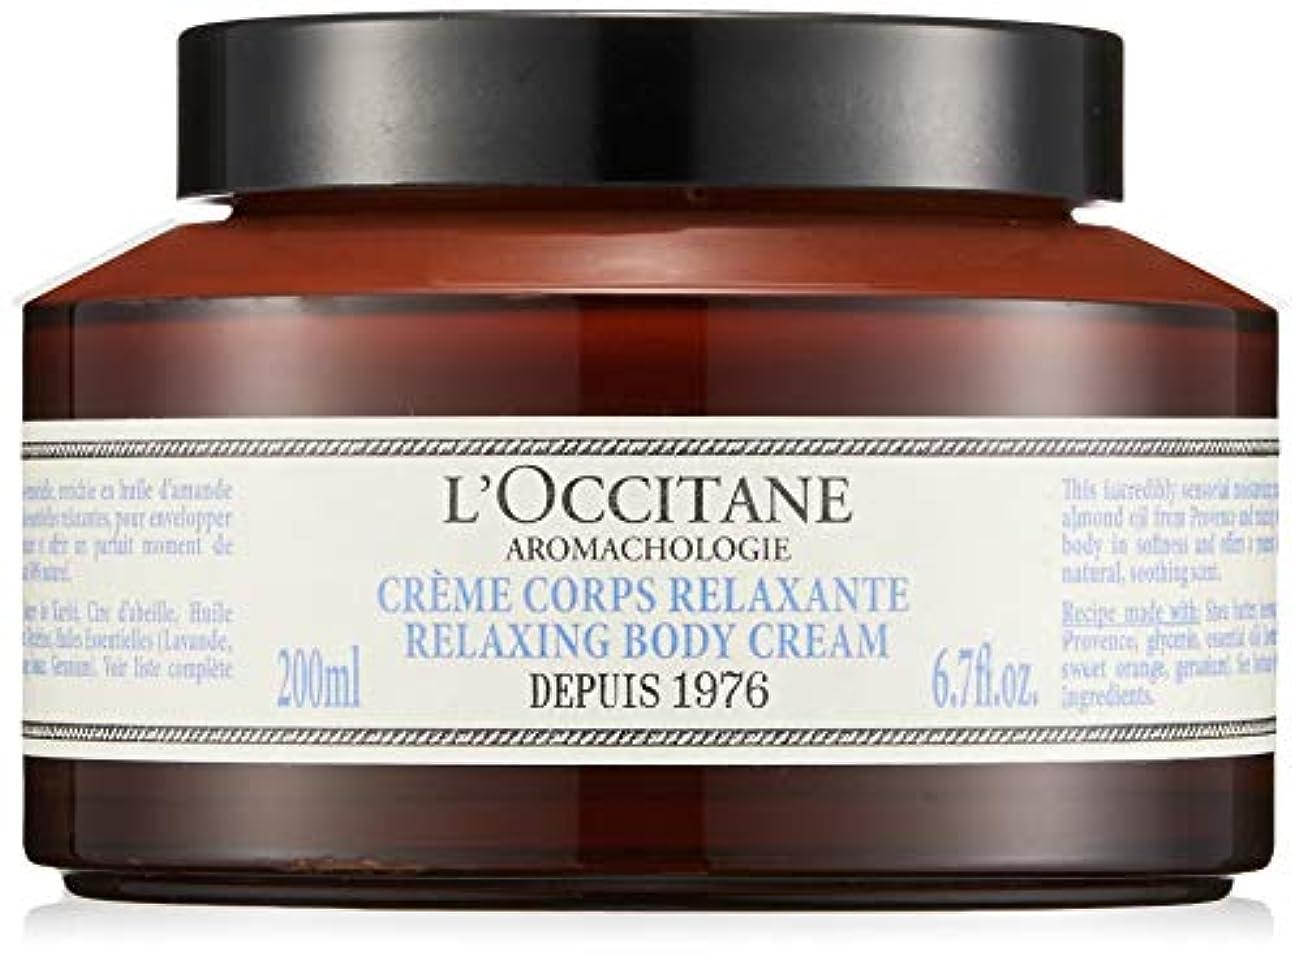 矛盾する膨らませるマットレスロクシタン(L'OCCITANE) リラクシング ボディクリーム 200ml